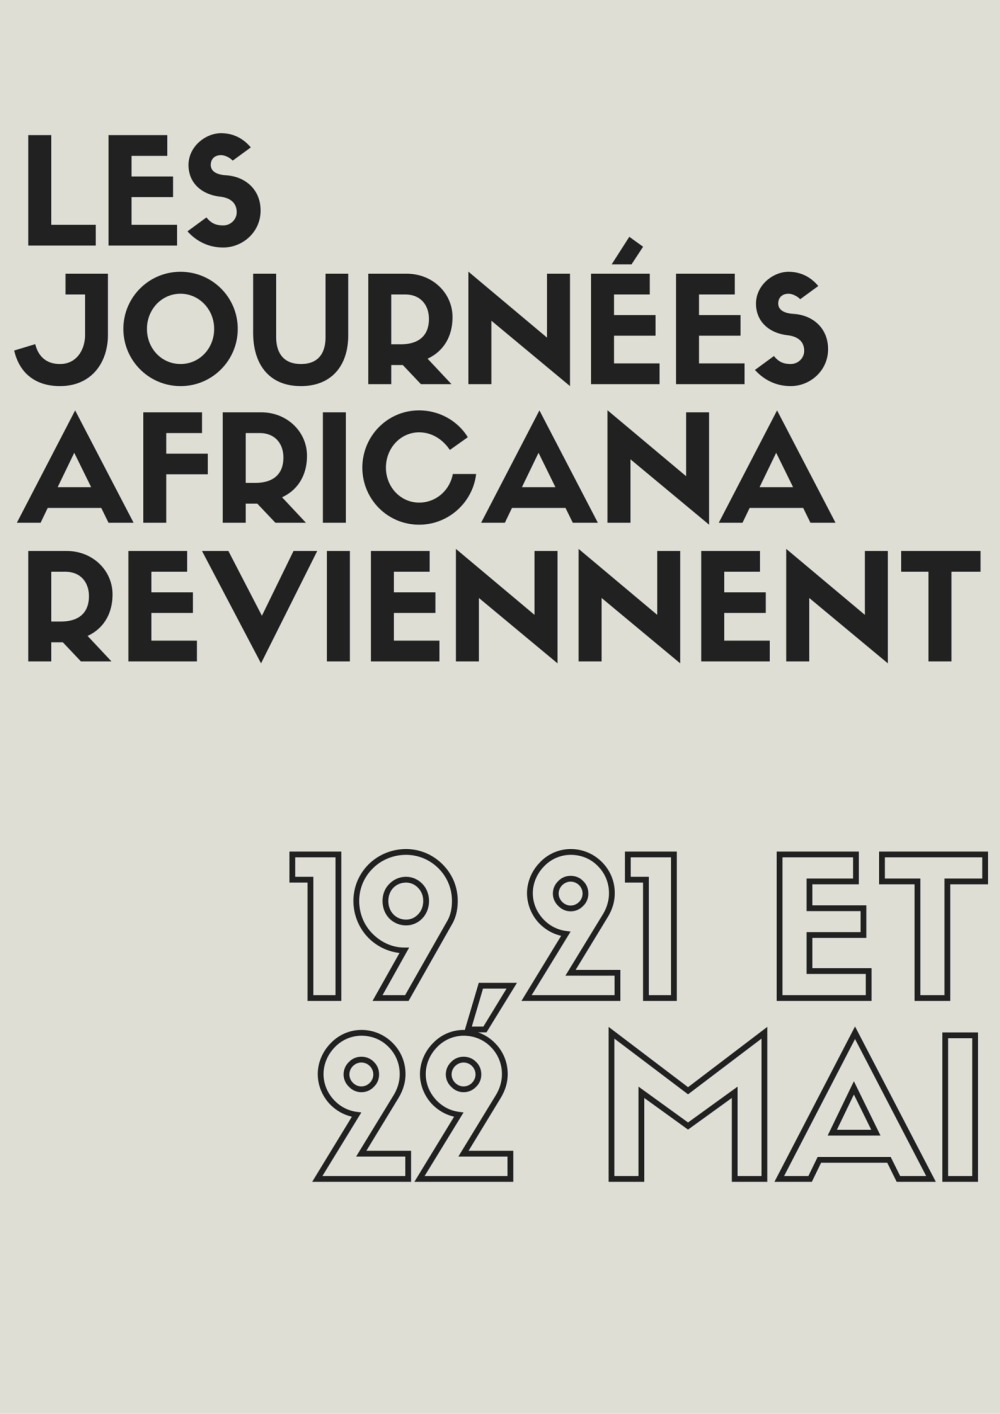 LES JOURNées AFRICANAREVIENNENT